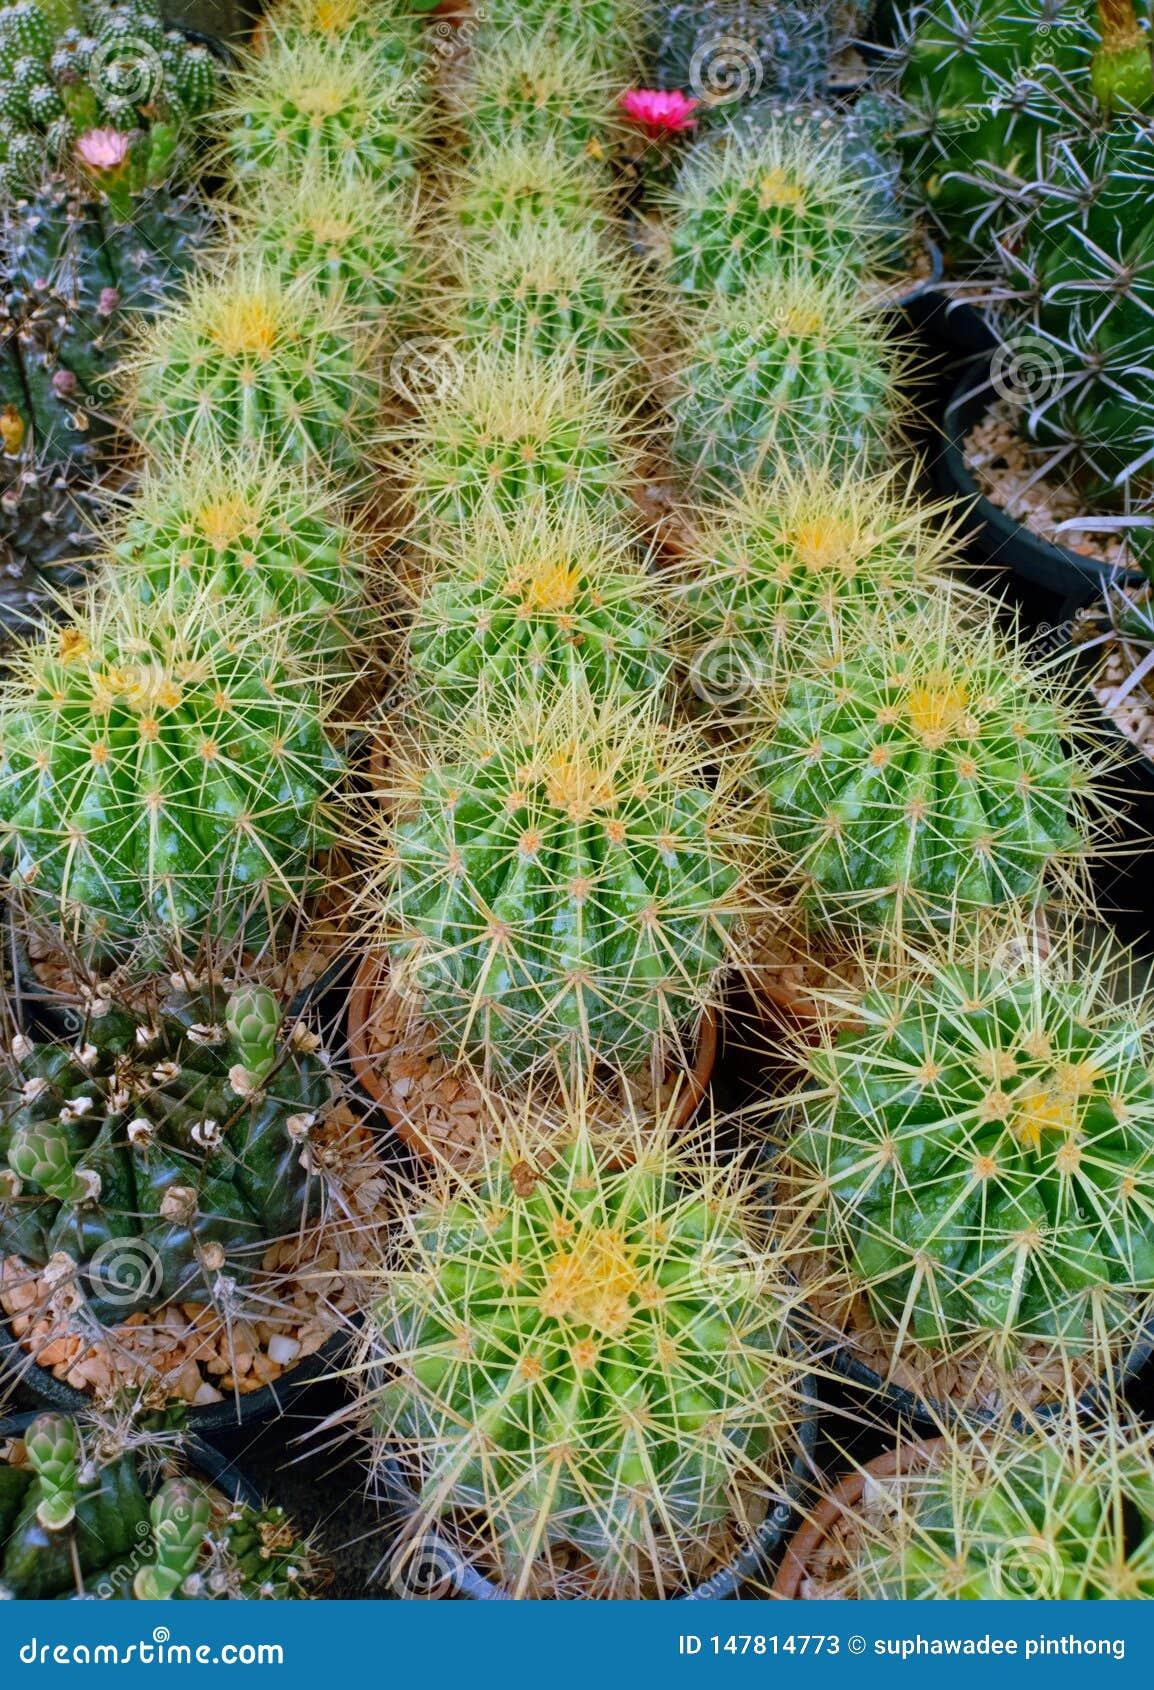 Echinocactus Grusonii cactus succulent plant in flower pot image